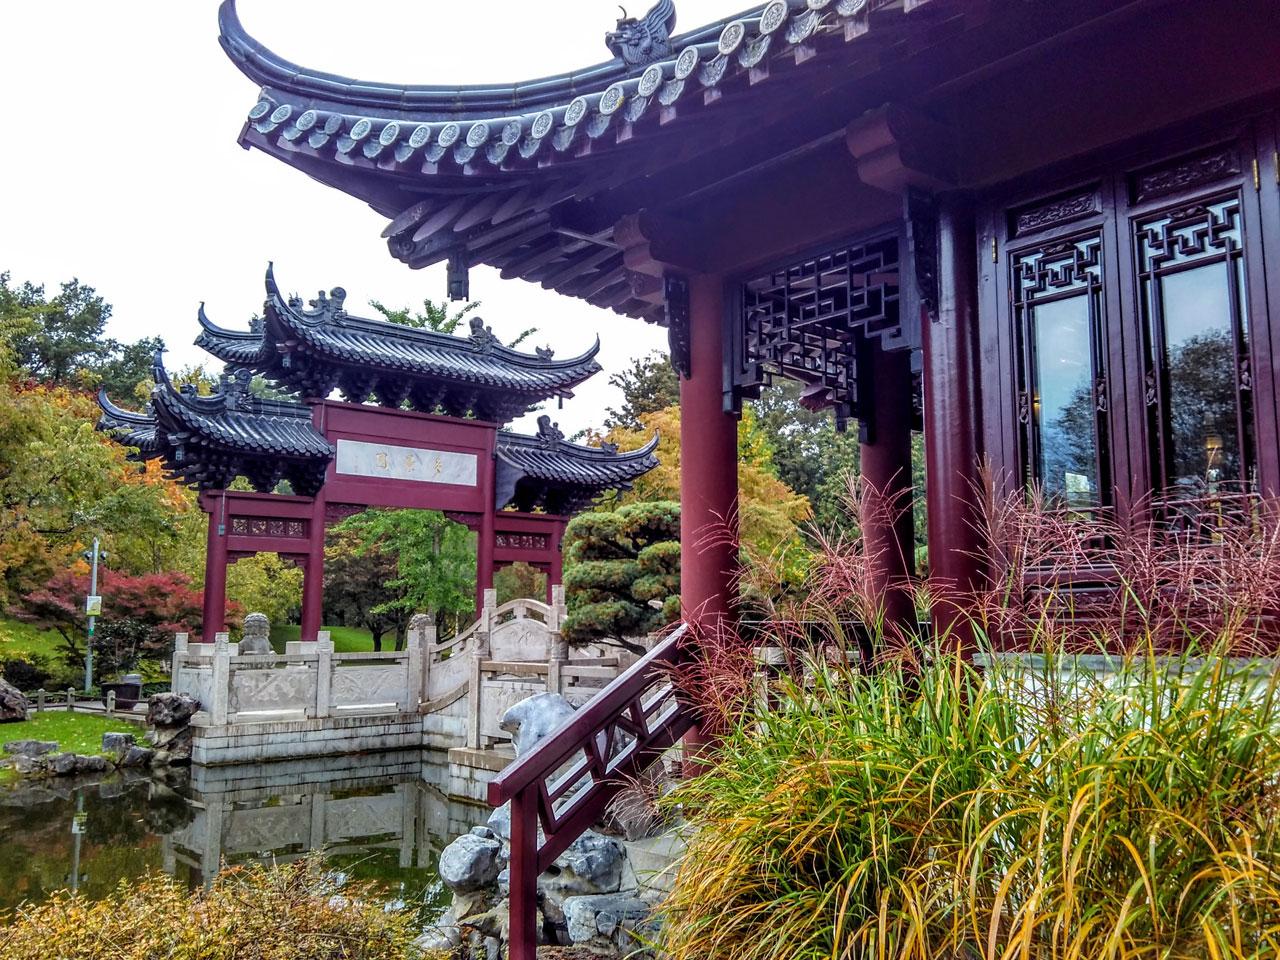 Chinesischer Garten im Luisenpark in Mannheim - Unknownplaces.net